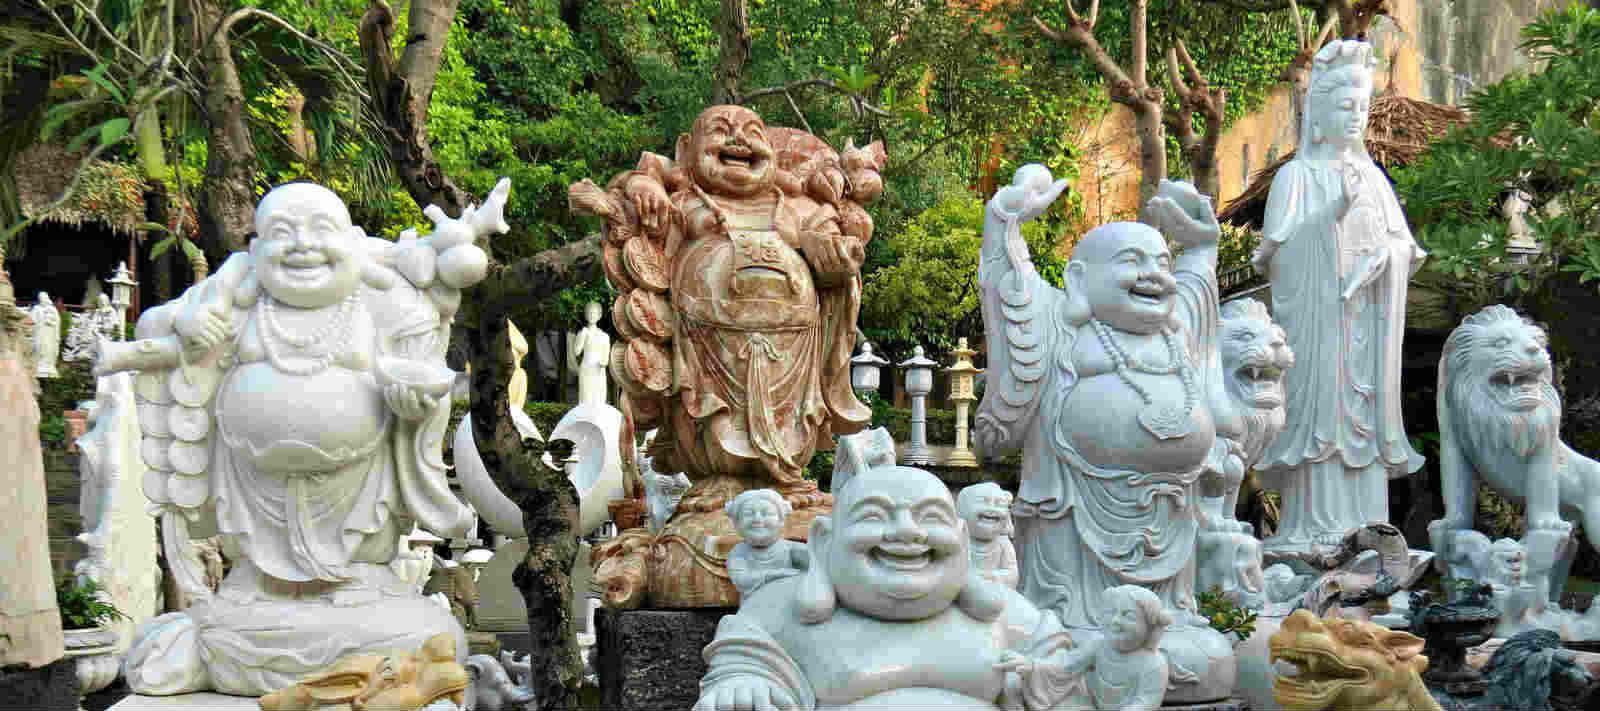 Đồ đá mỹ nghệ Đà Nẵng